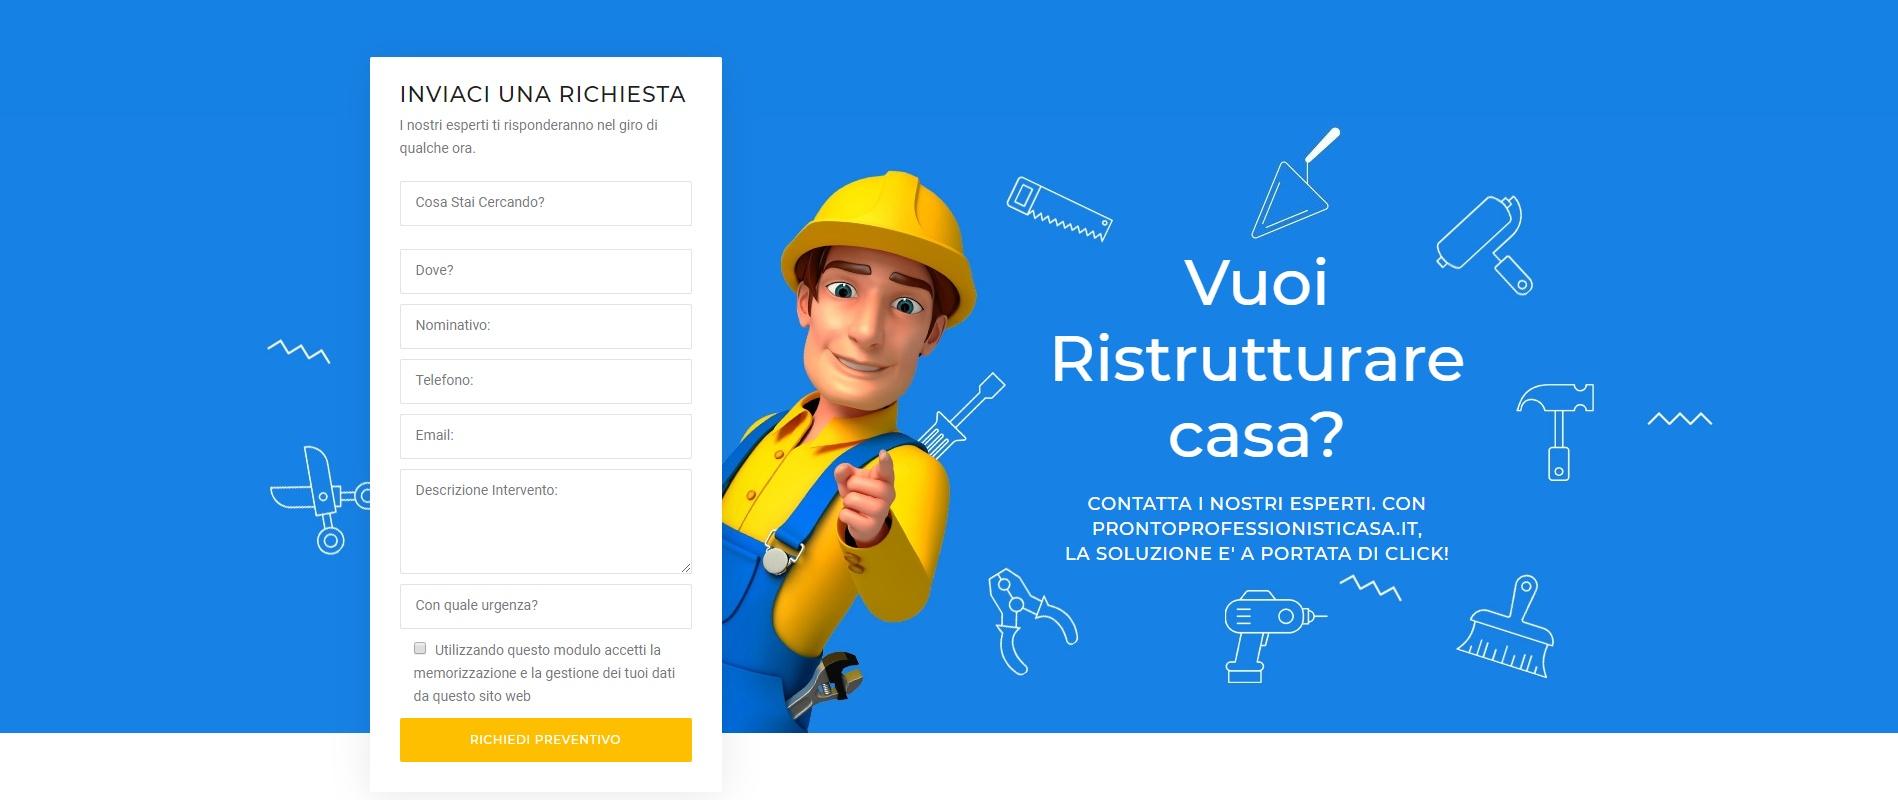 Ristrutturazione Casa Roma Prezzi casanoproblem - ristrutturazione edilizia - casa - impianti